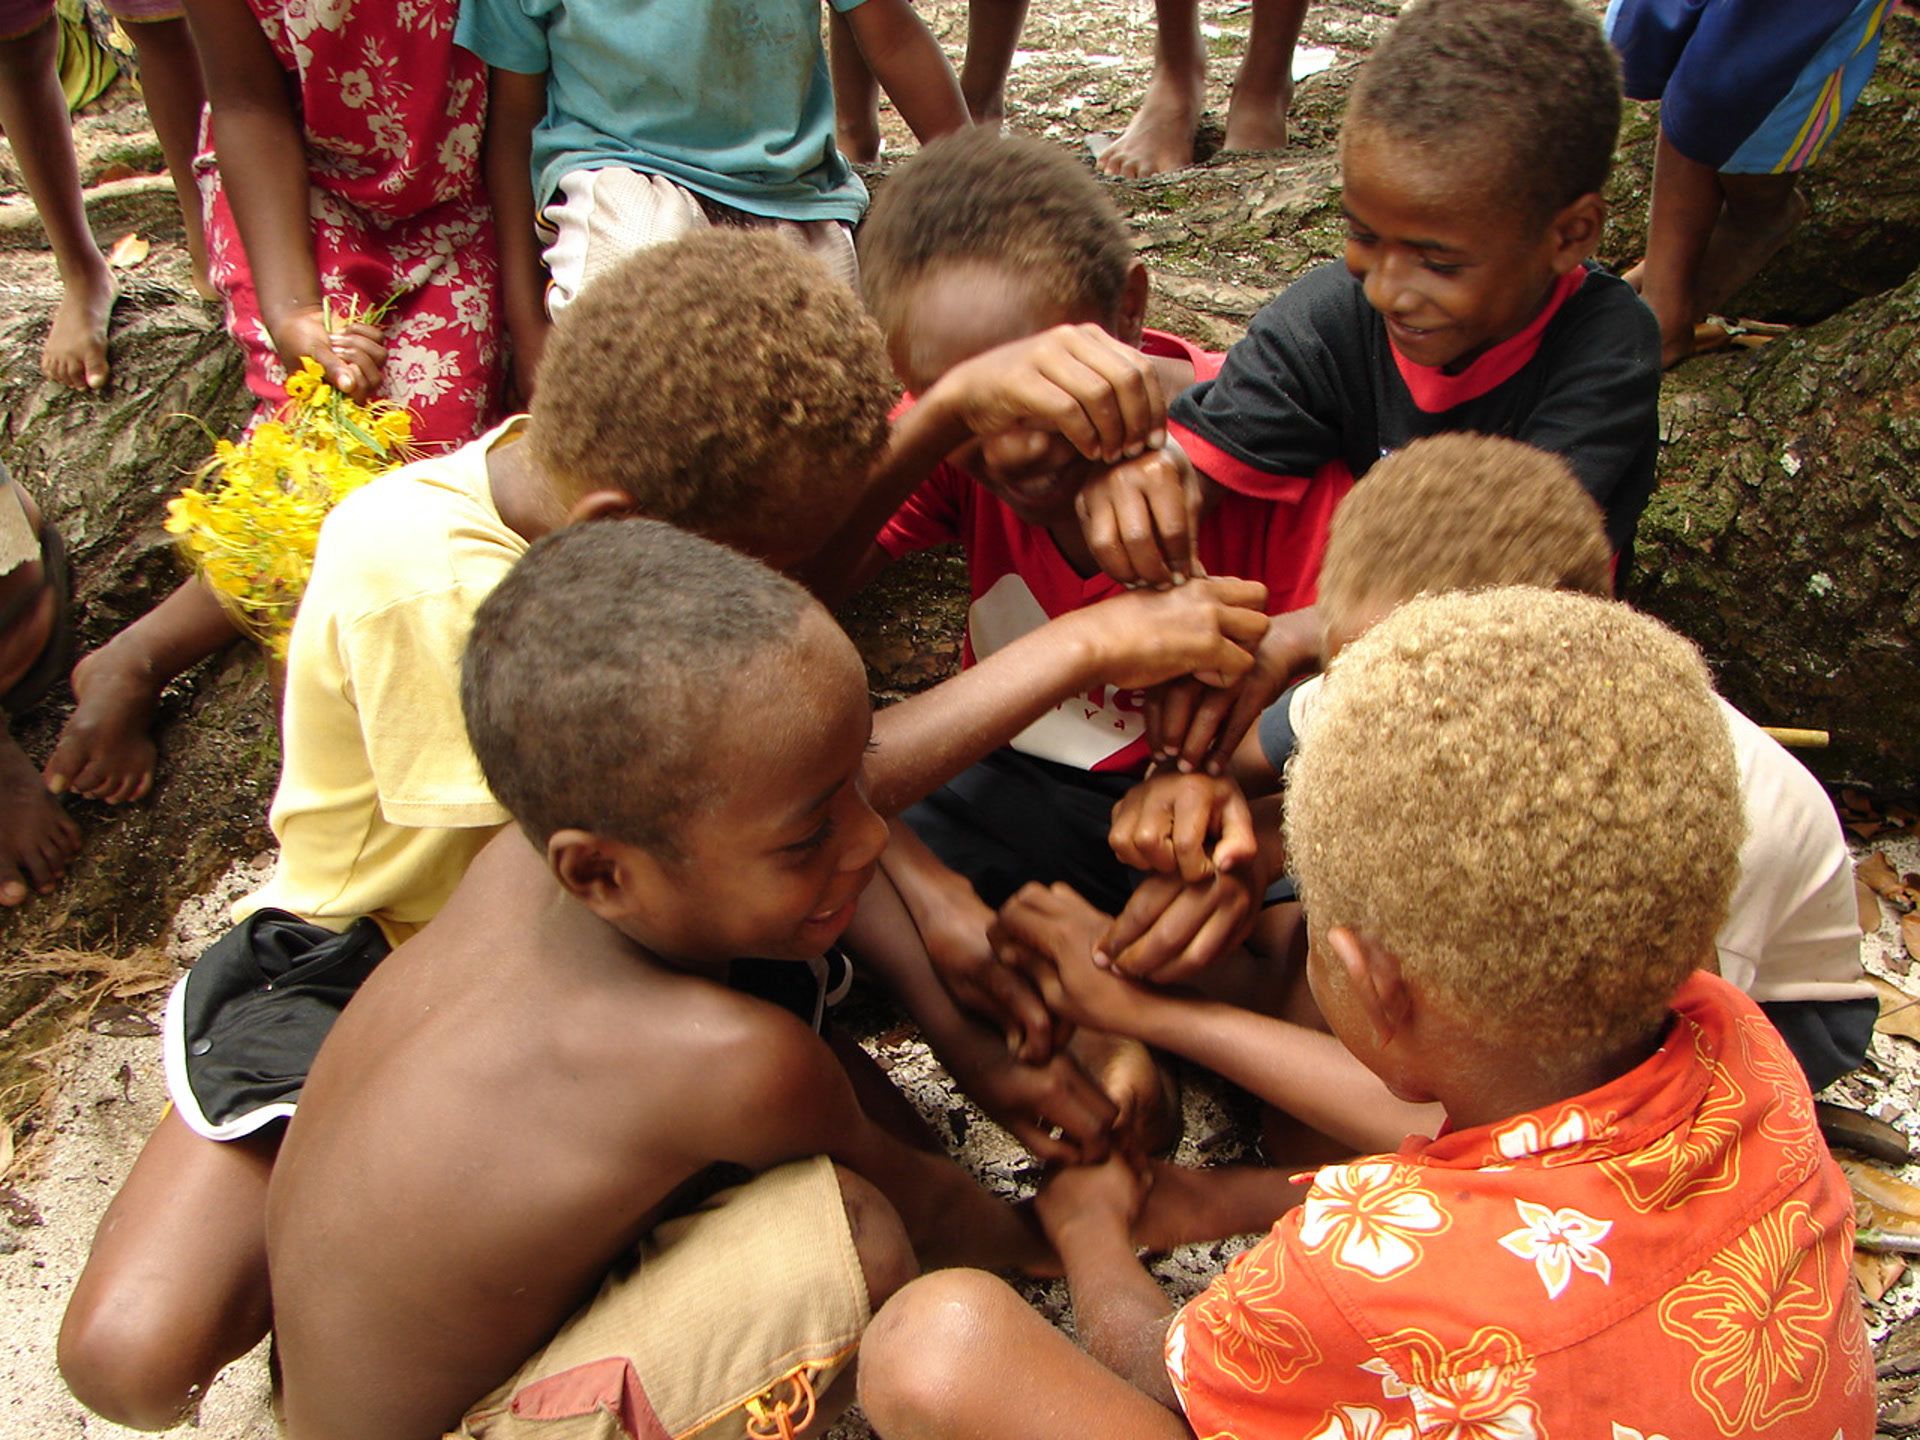 Jeu des enfants : « Pincent les fourmis » (île Motalava, Vanuatu, déc 2005 – photo A.F.)